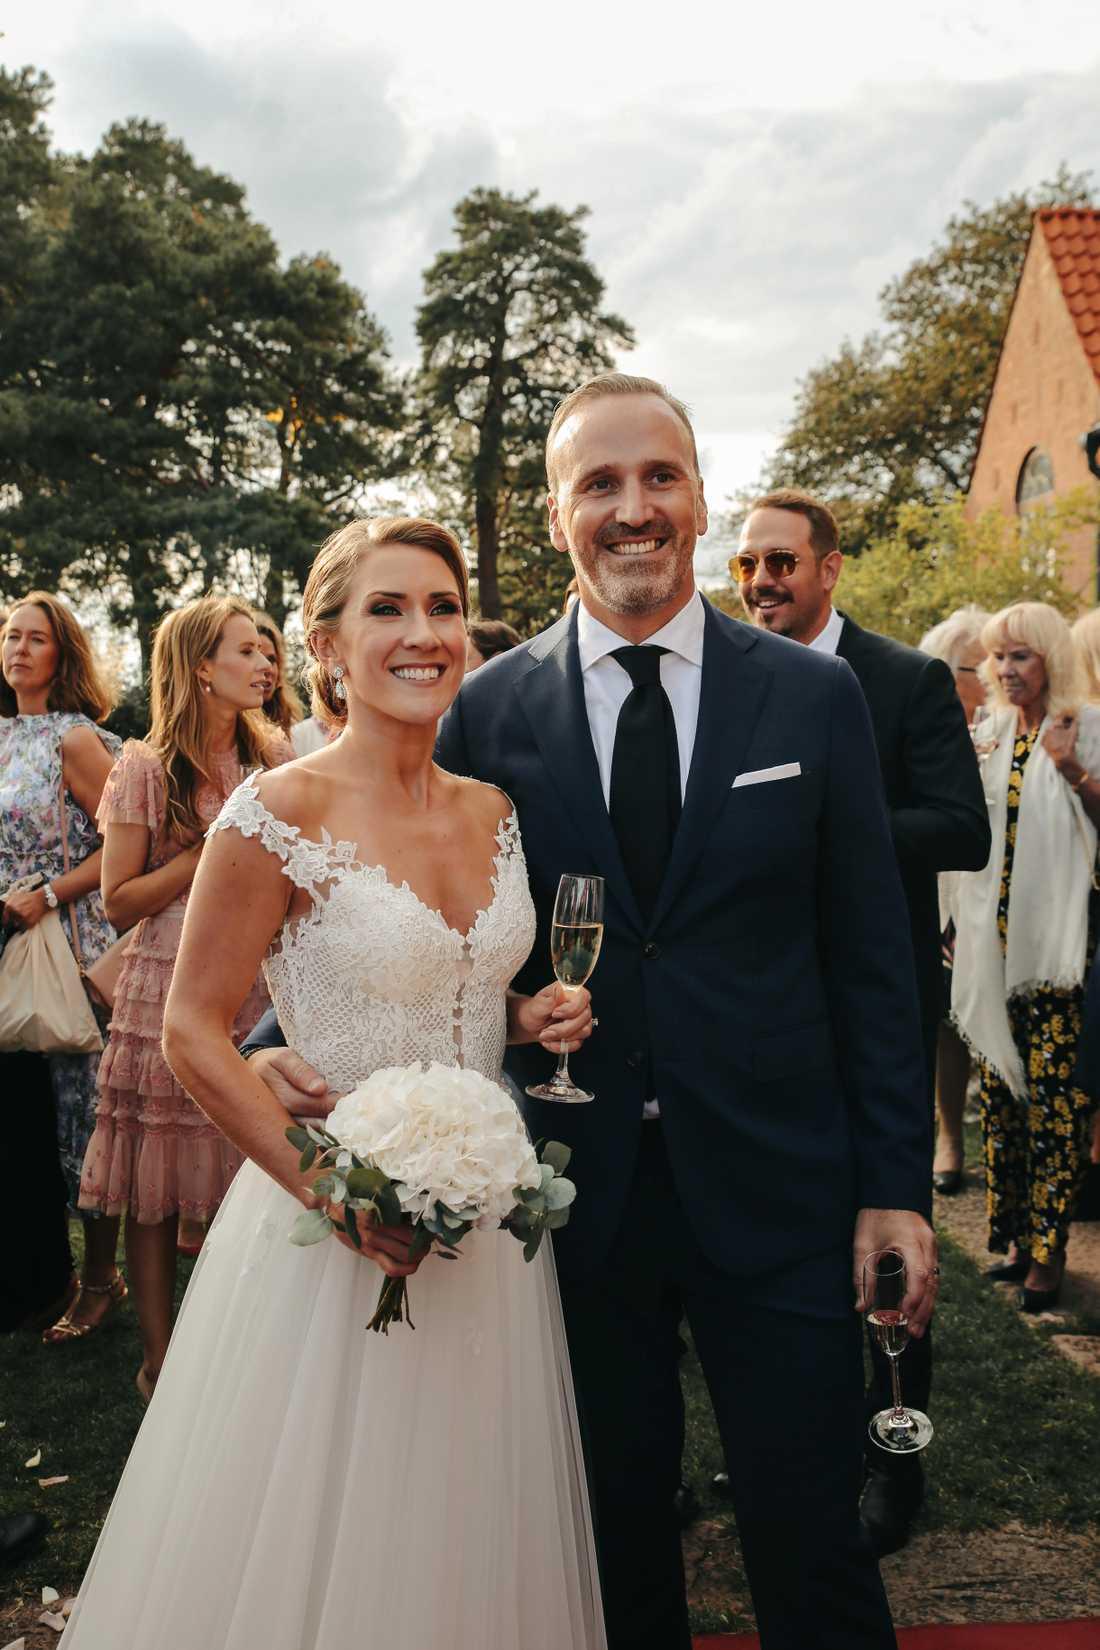 Jeanette Carlsson och Jörgen Gullbrandson har gift sig.